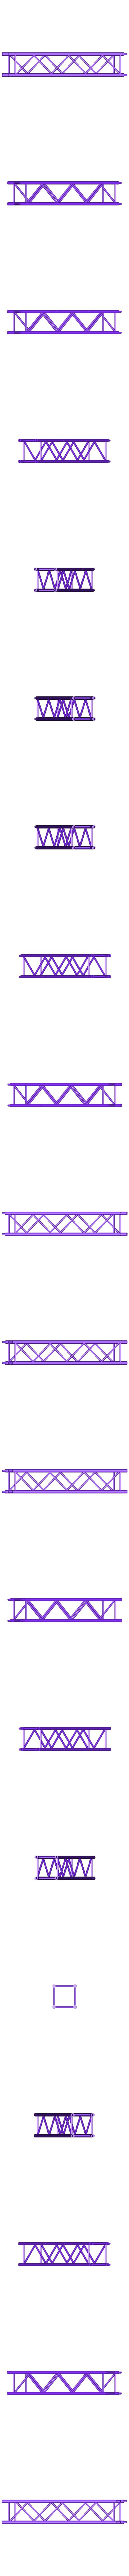 Truss 4 Punkt Traverse GWX1123 Sondermaß (x2).stl Download STL file 1:18 Truss 4 Punkt Traverse Messestand ZSB1000 • Template to 3D print, CrossModellbau